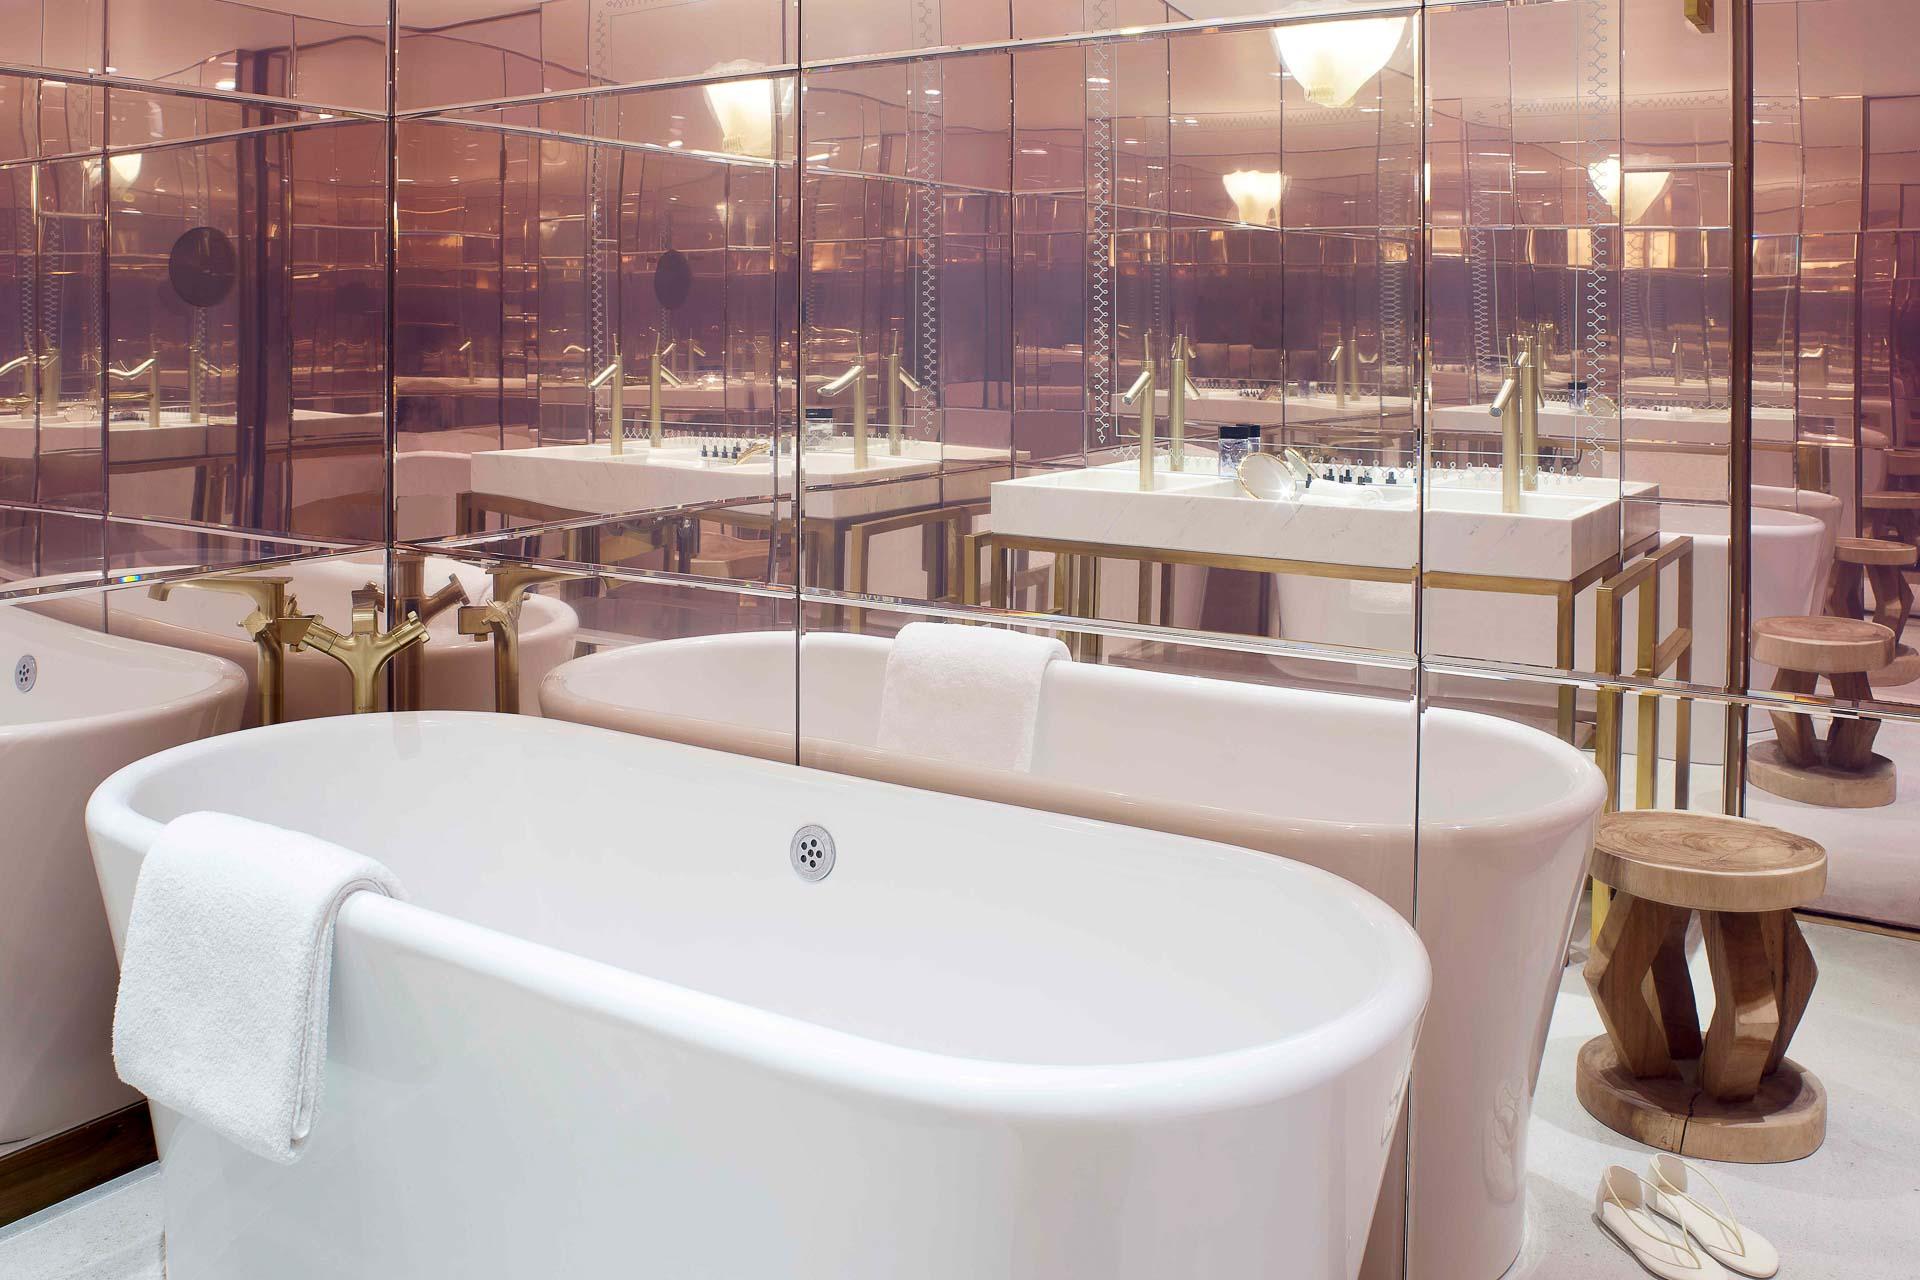 Hôtel 9Confidentiel - Salle de bain d'une Suite